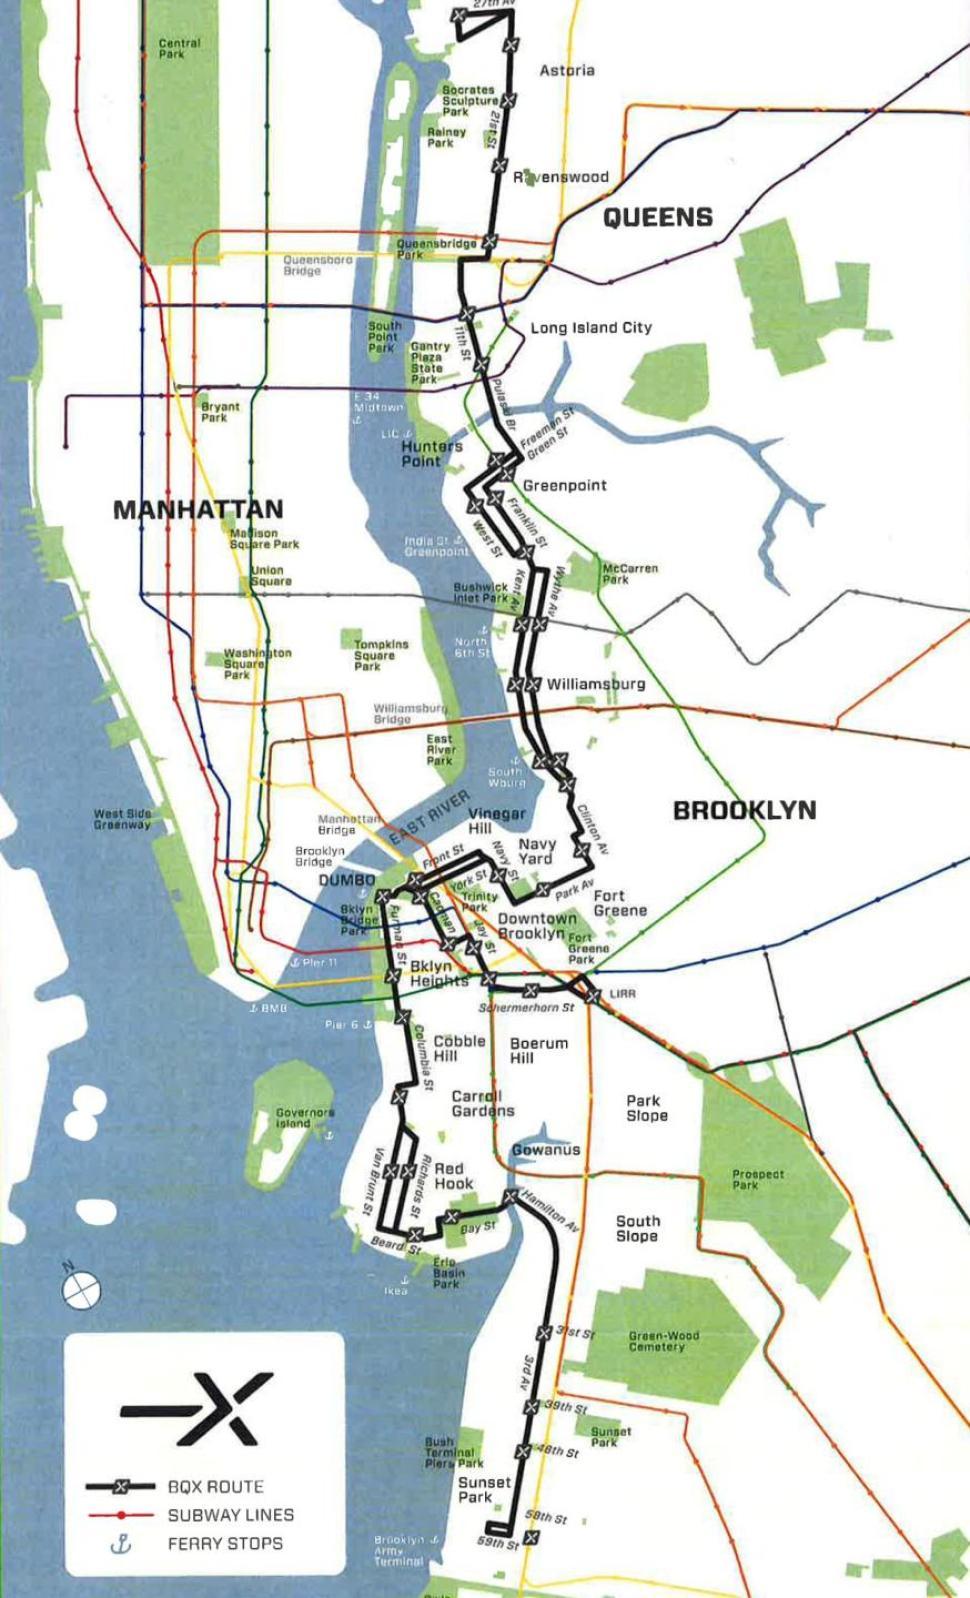 https://i1.wp.com/weheartastoria.com/wp-content/uploads/2016/01/Brooklyn-Queens-Streetcar-Proposal-Map-NYC.jpg